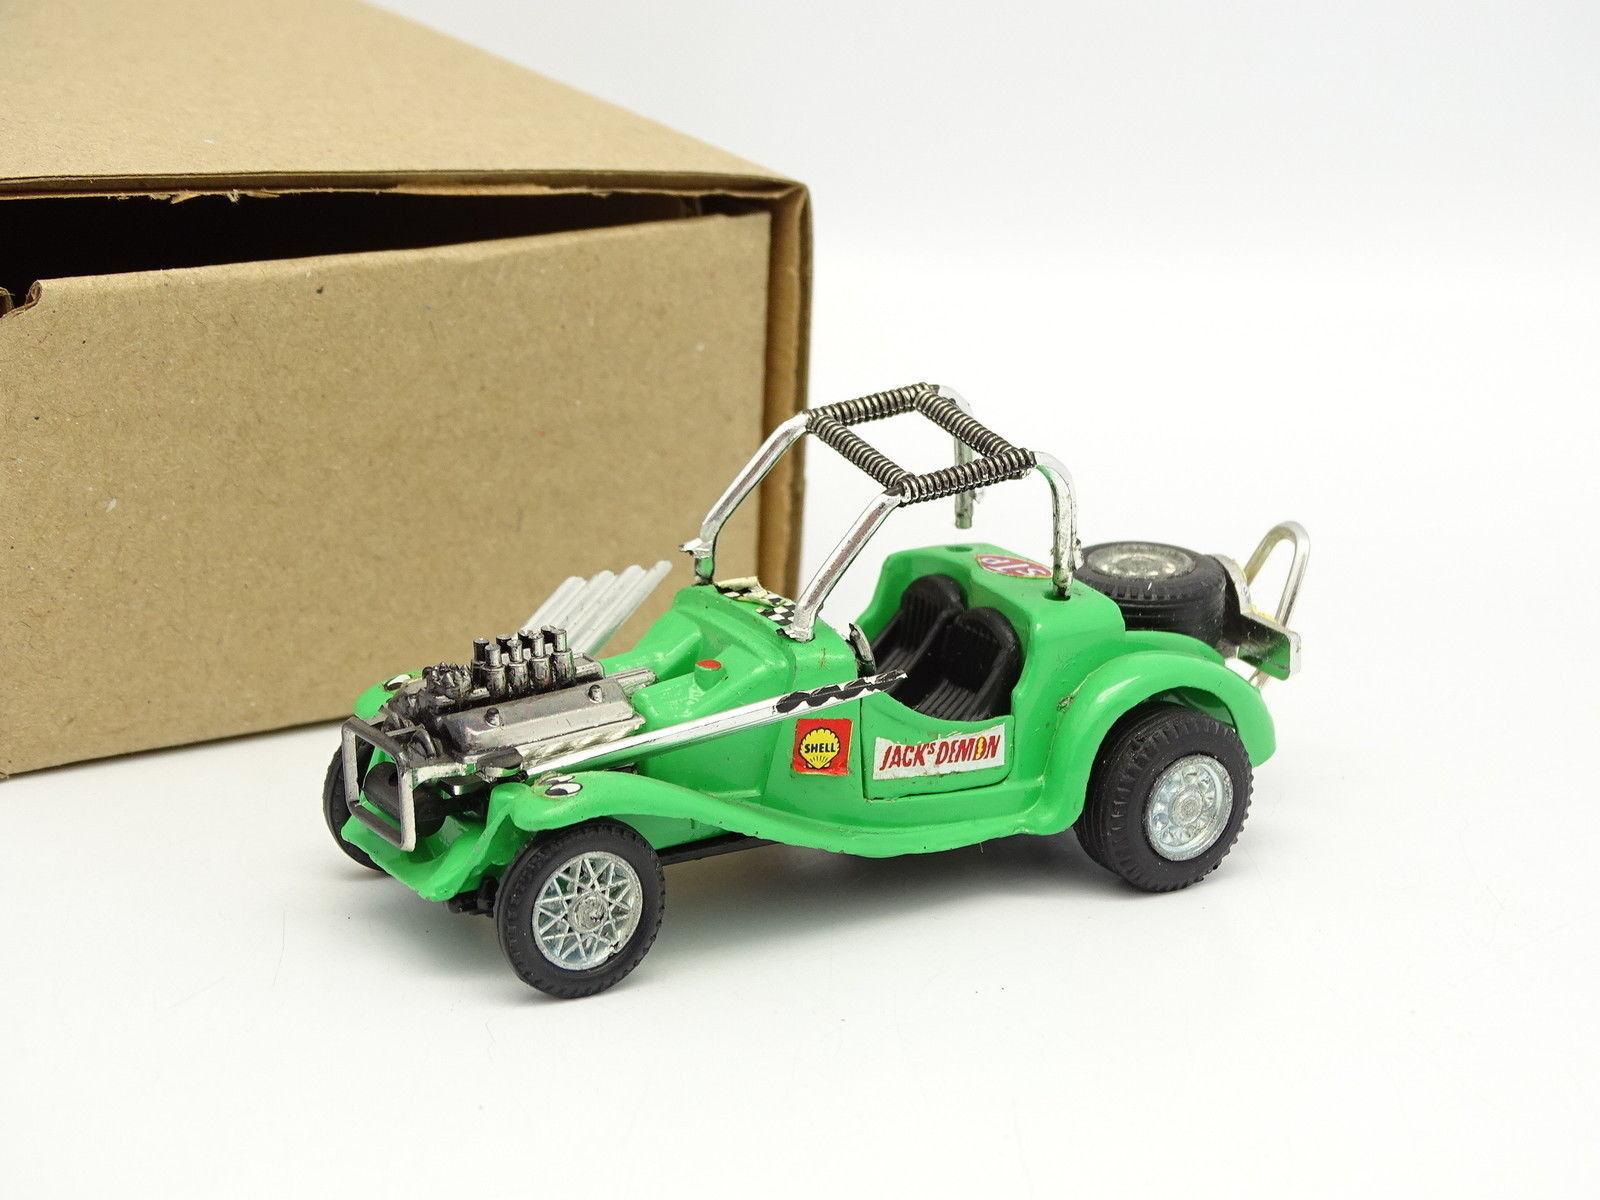 tienda de venta Mercury 1 43 - Fiat Balilla Balilla Balilla 508 Dragster Jack's Demon verdee  tomamos a los clientes como nuestro dios